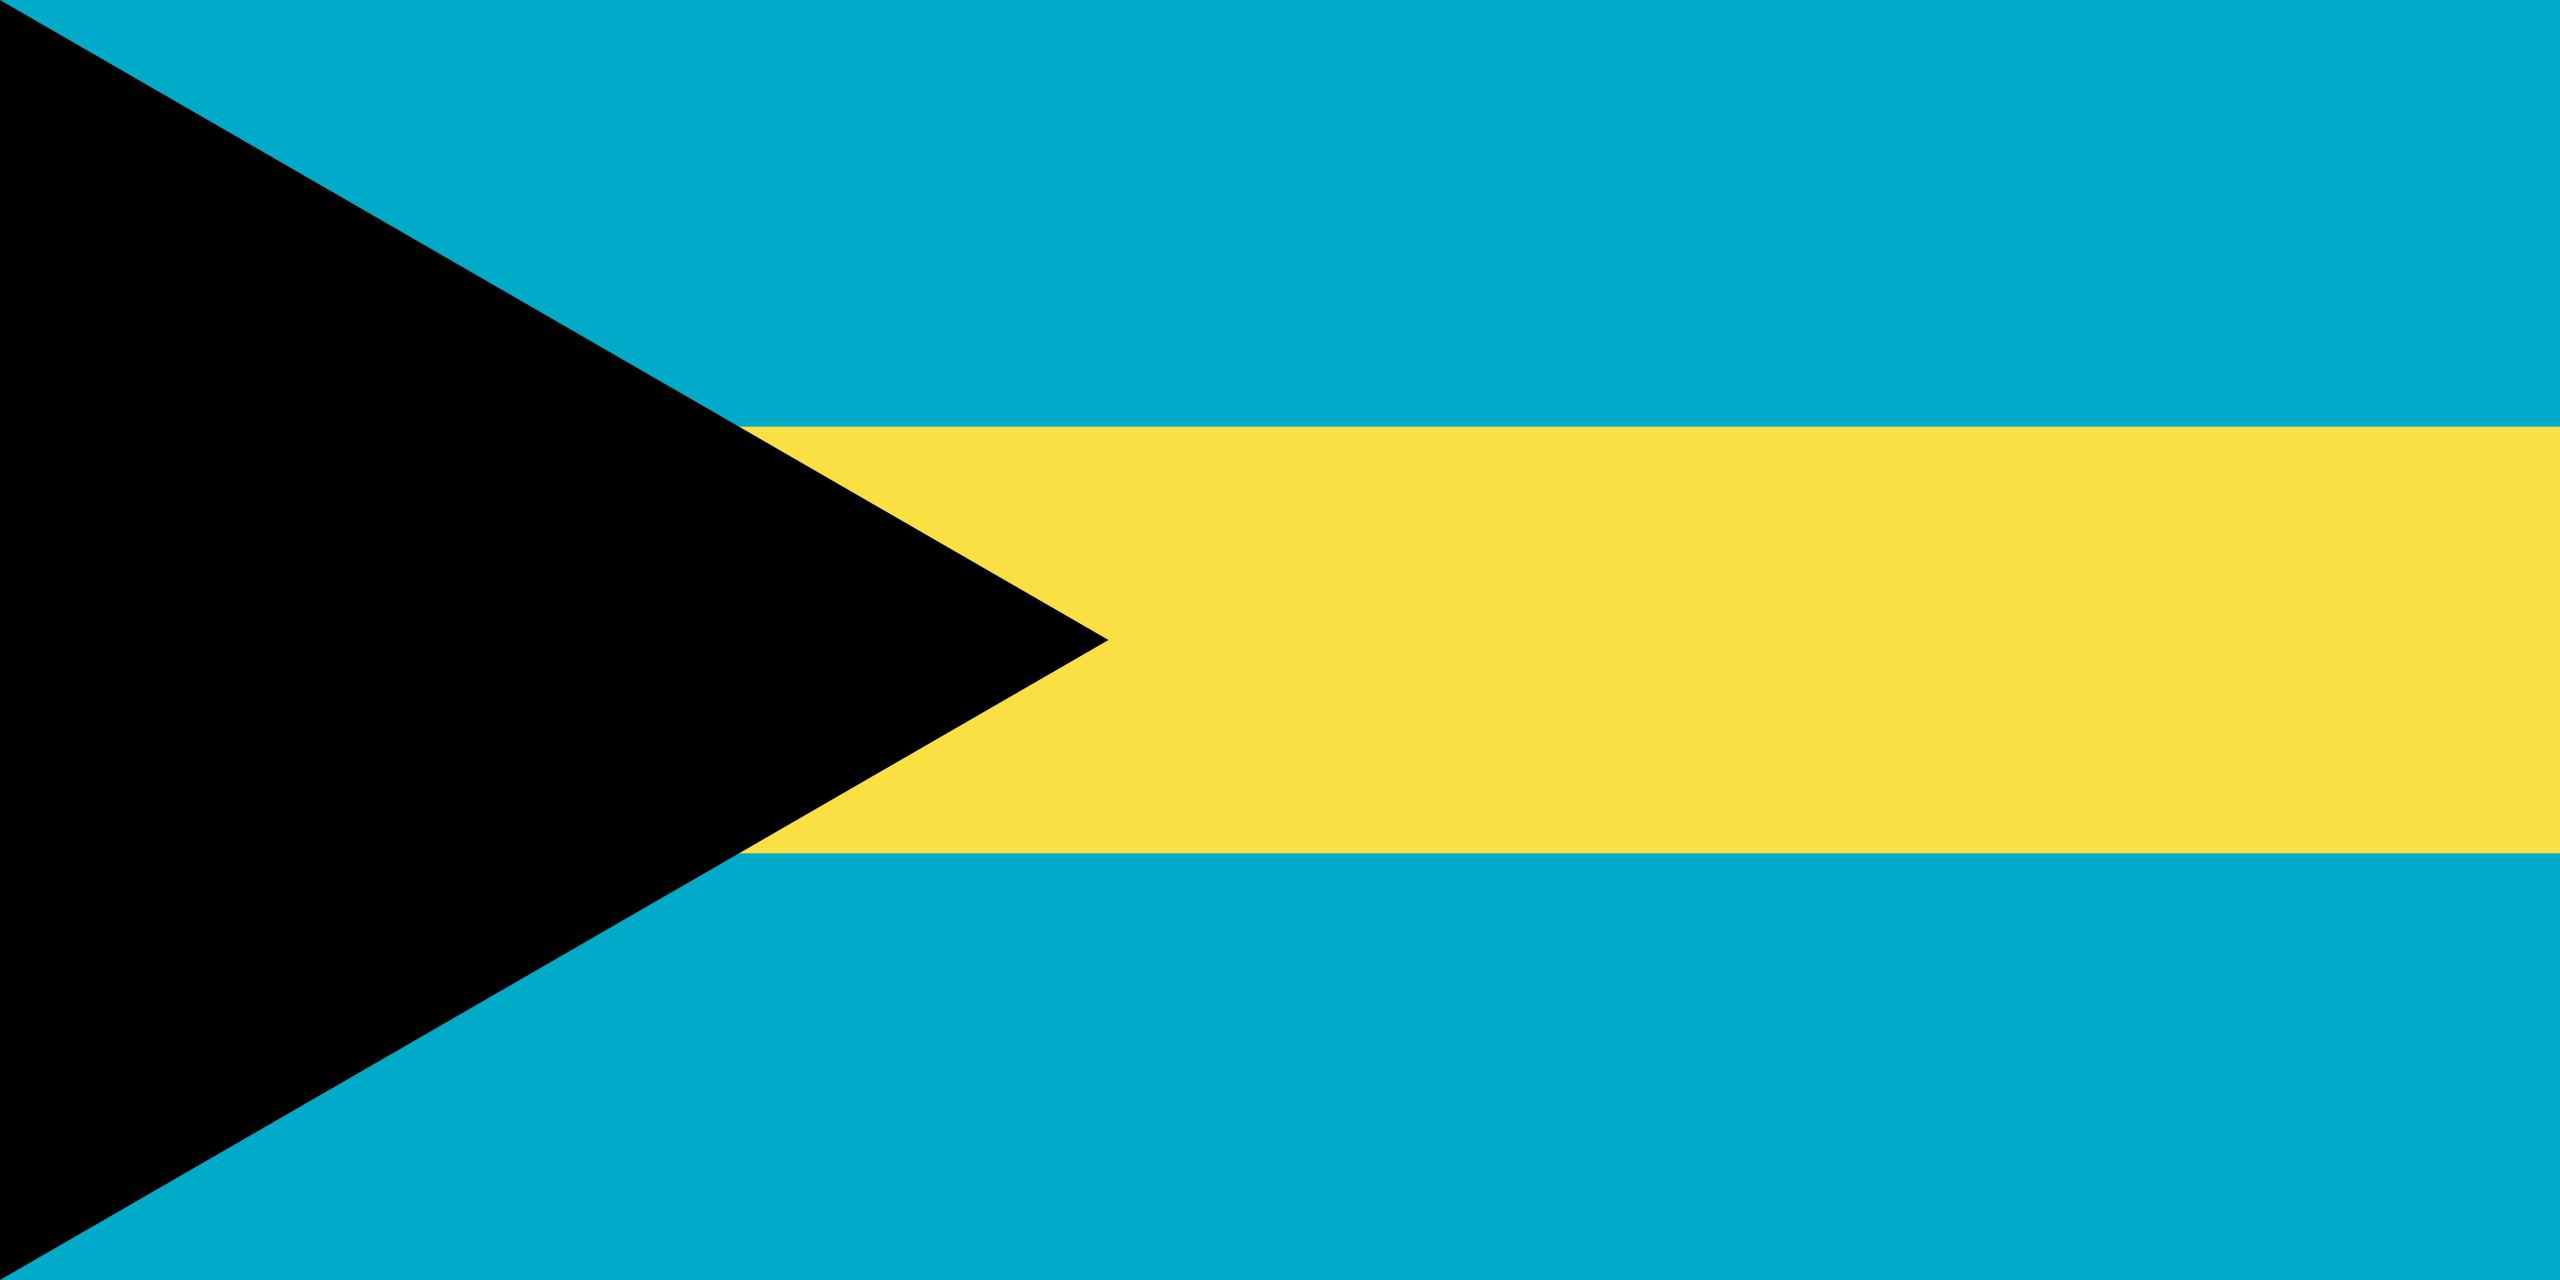 Bahamas, país, Brasão de armas, logotipo, símbolo - Papéis de parede HD - Professor-falken.com